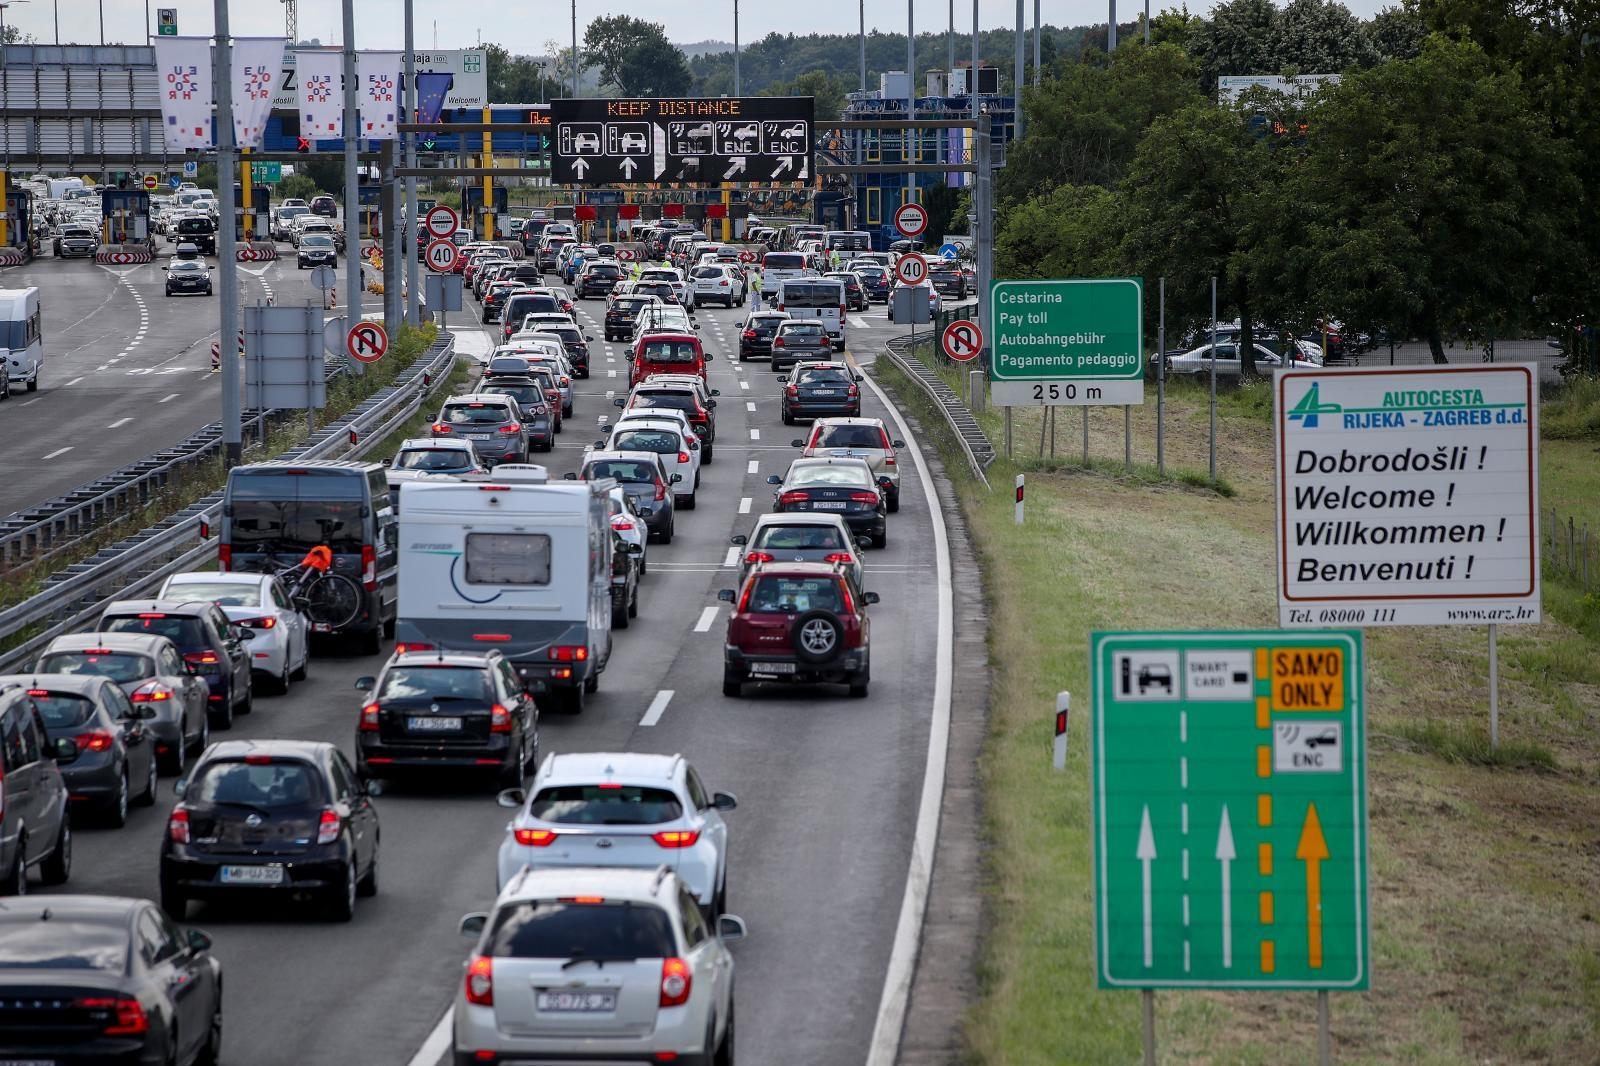 Koliko Mi Trosimo Na Cestarine A Koliko Ostali Slovenci Dobiju Puno Vise Za Svoj Novac Poslovni Dnevnik